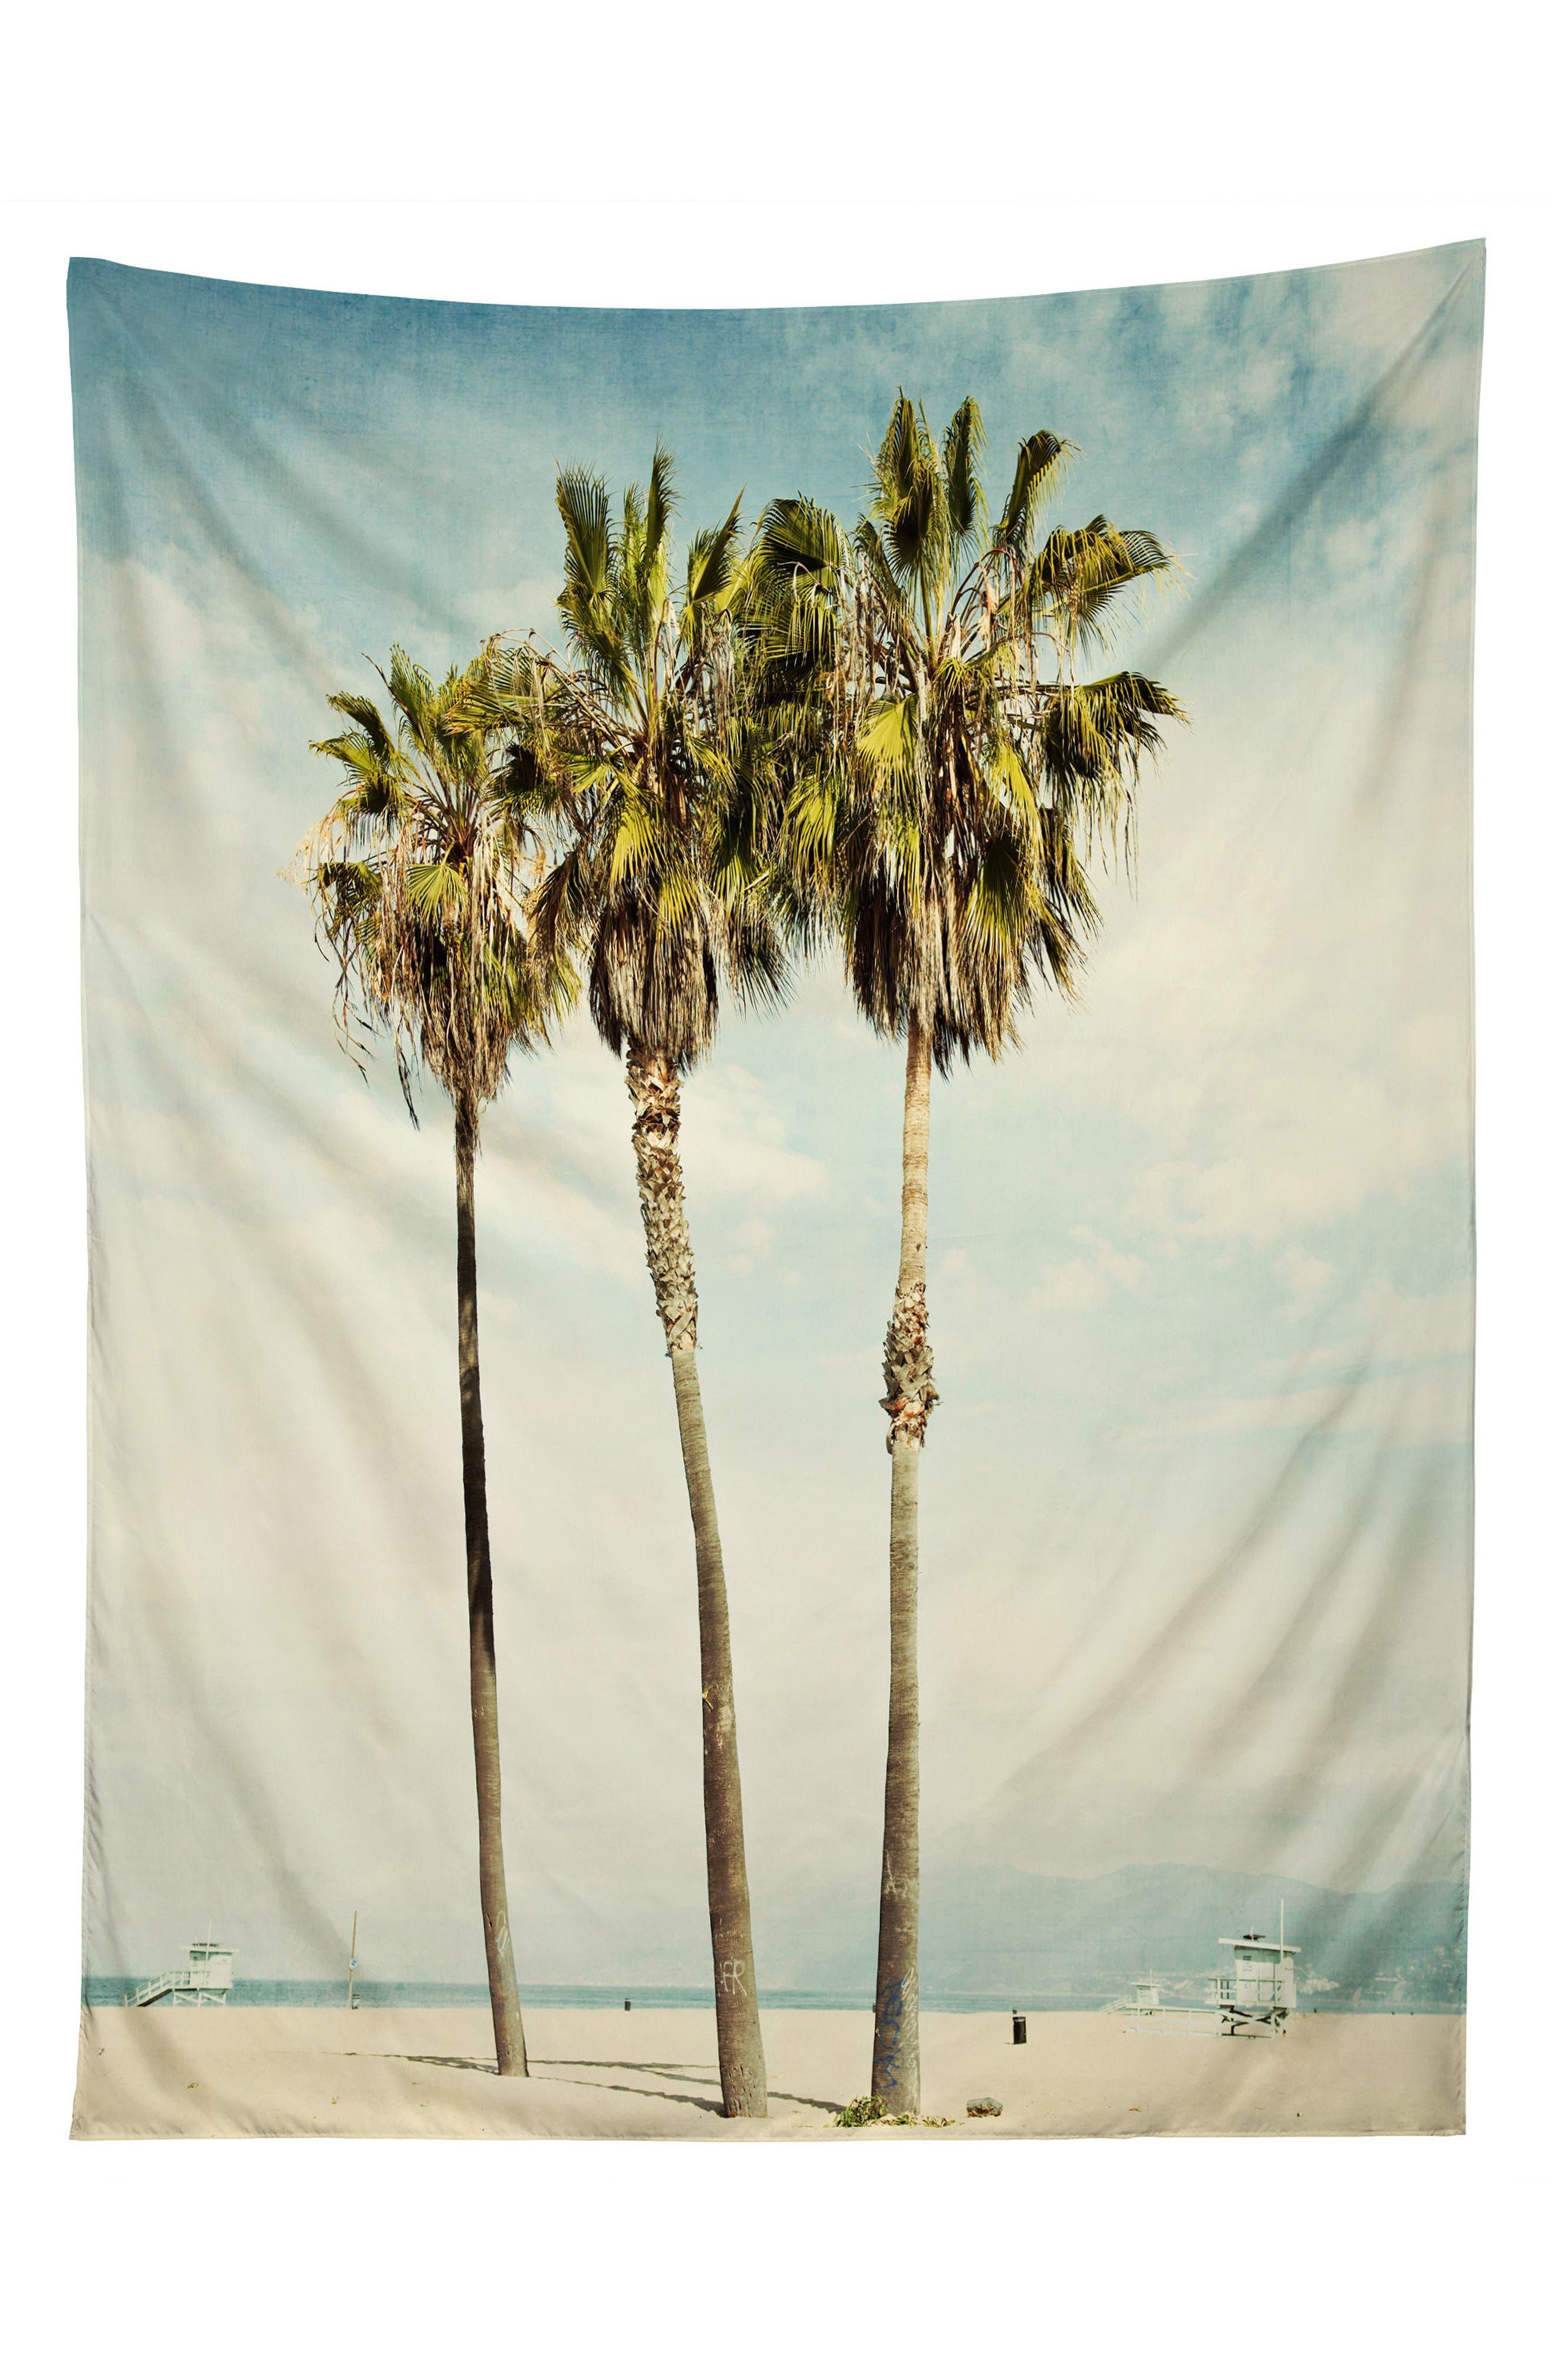 DENY DESIGNS Venice Beach Palms Tapestry